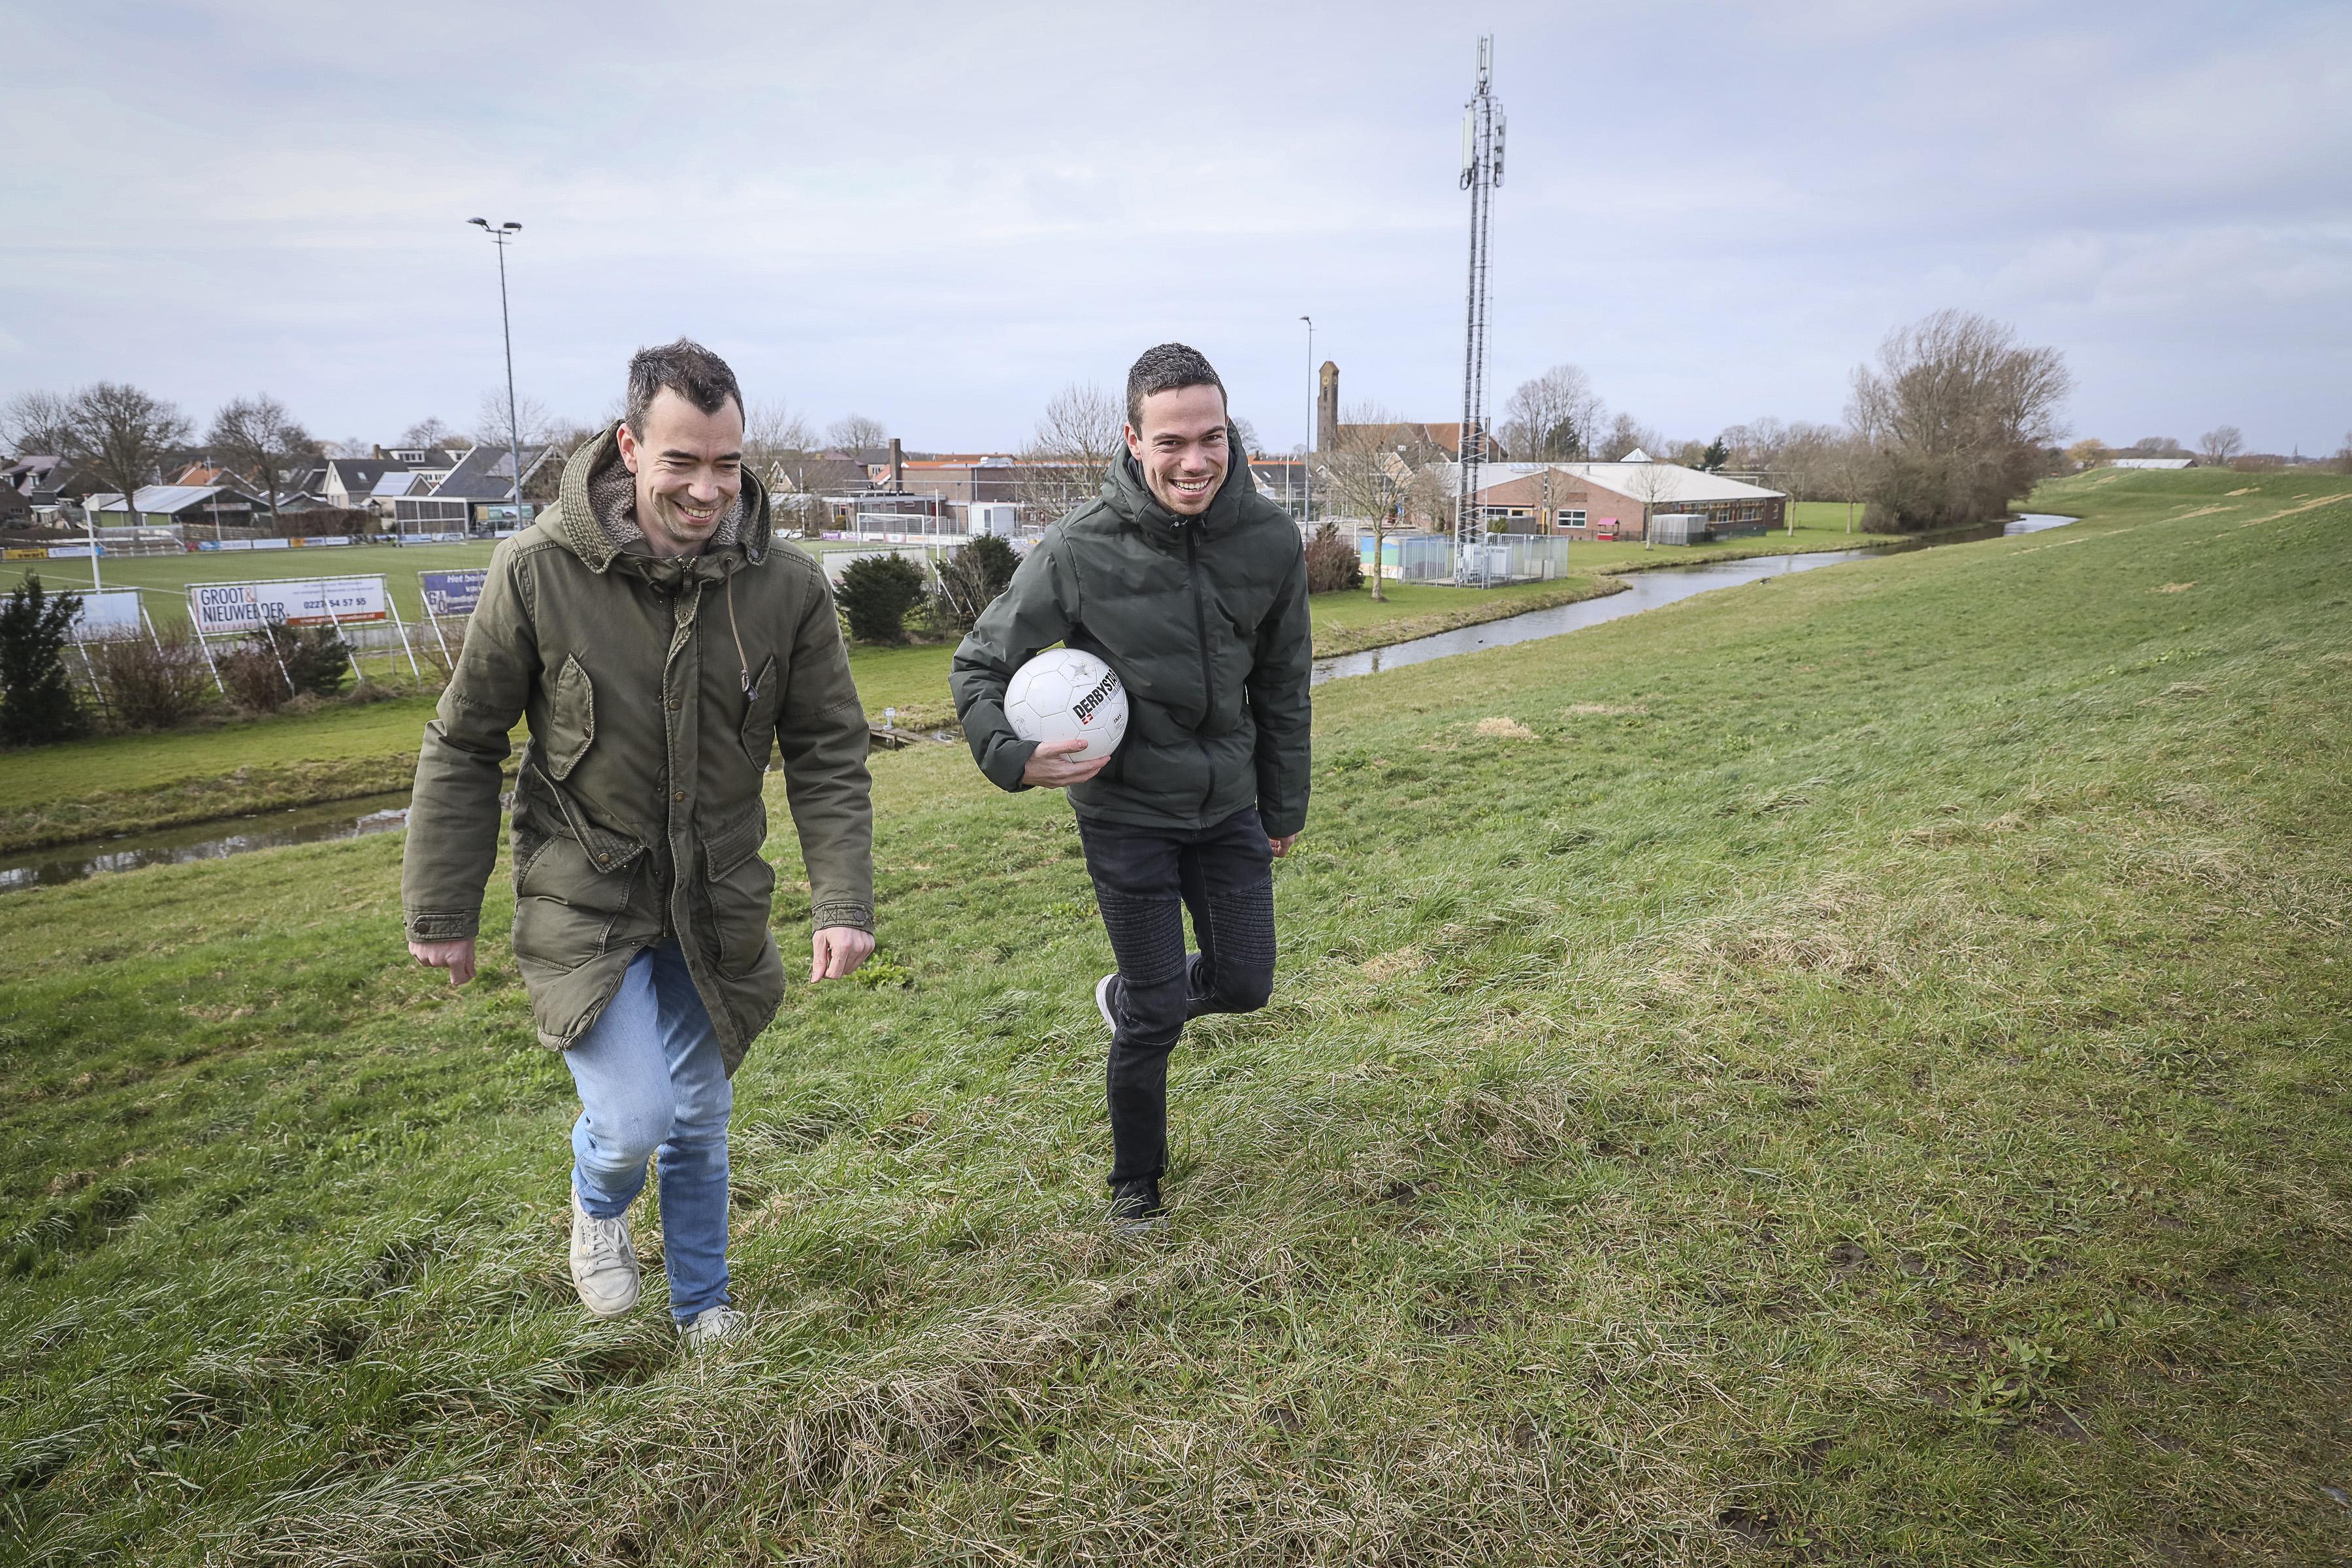 De gebroeders Broedersz herenigd: Bryan keert terug bij Strandvogels nu gepensioneerde Gerald weer is gaan voetballen